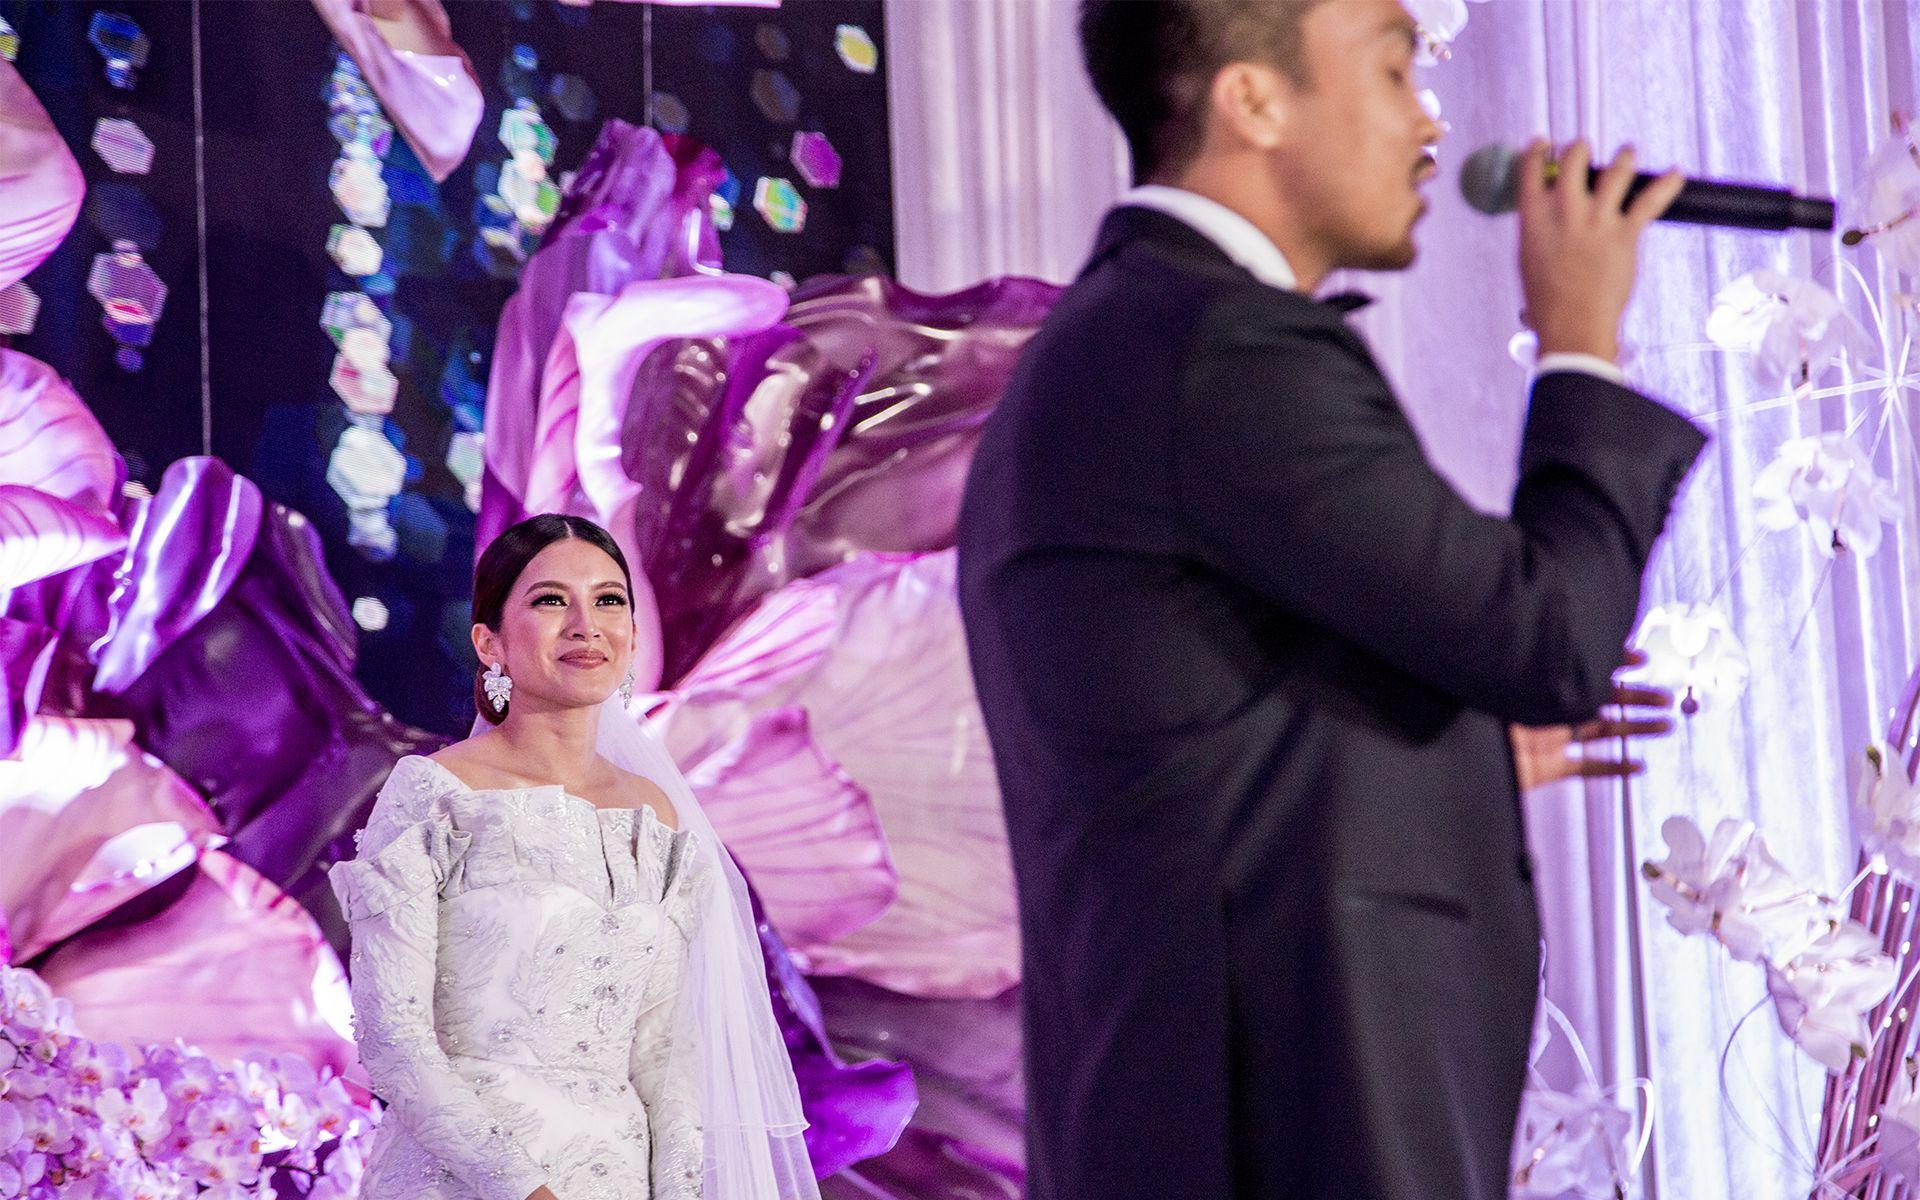 Tasha Fusil being serenaded by her talented groom, Arfiz Ghaus